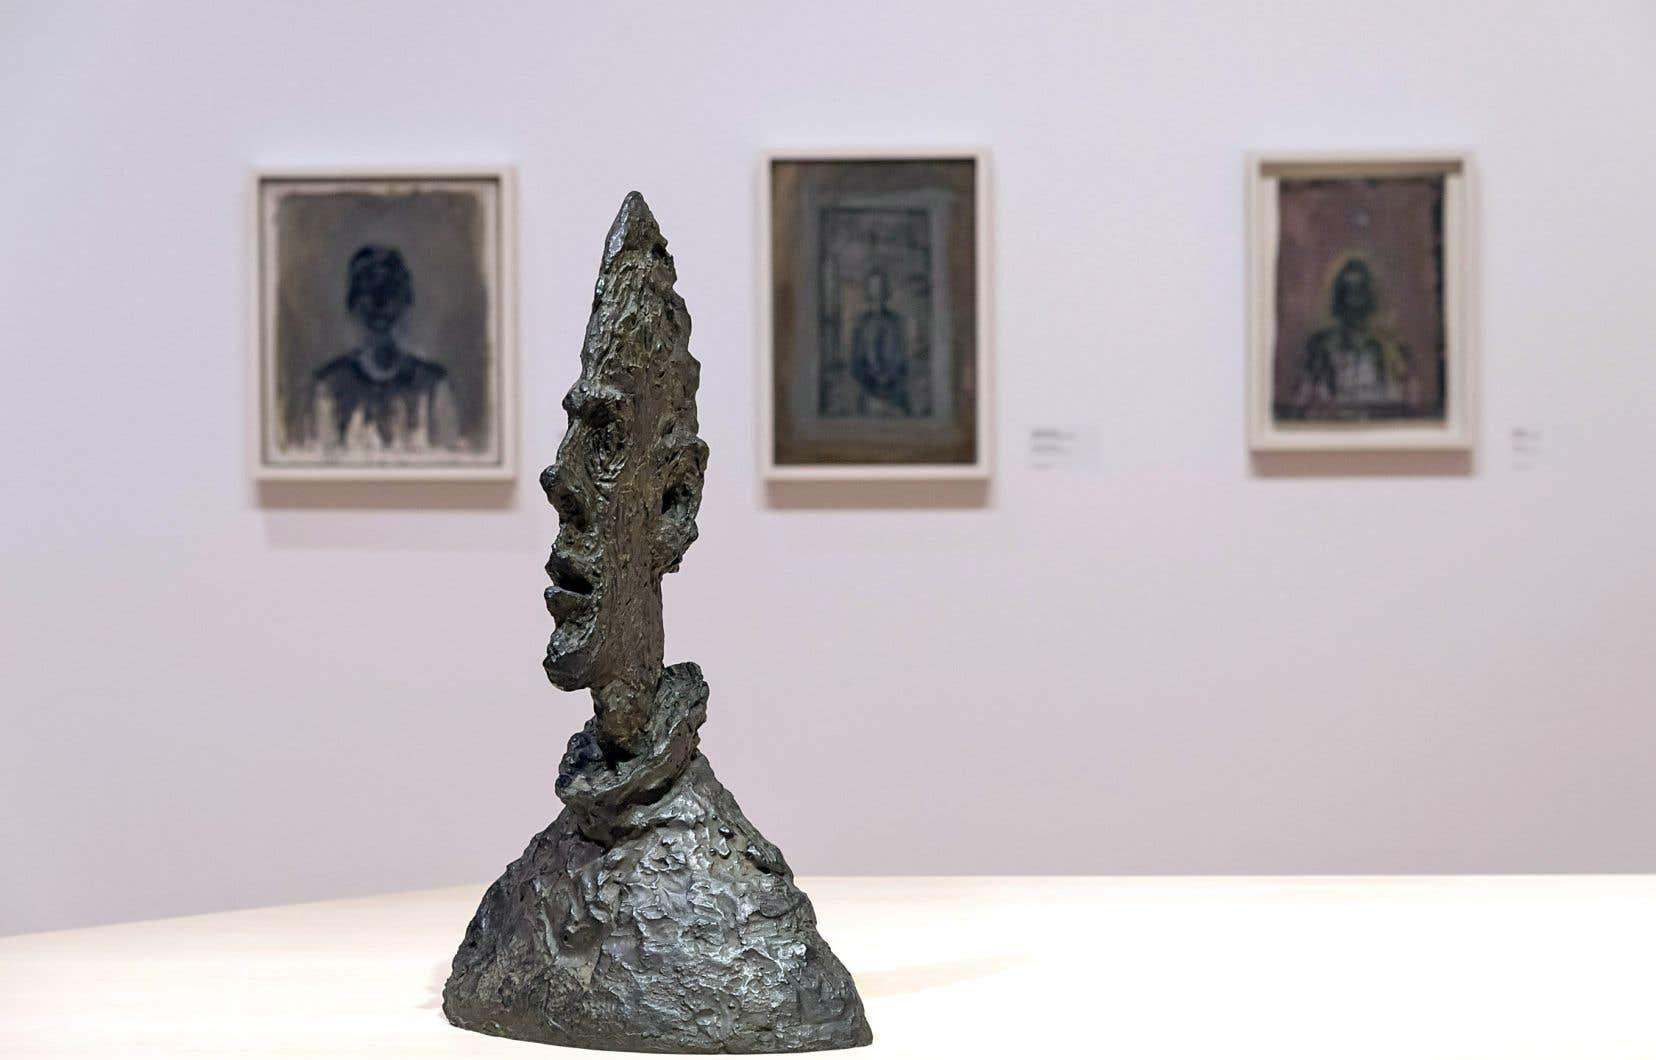 Tout au long de l'exposition, des personnages actifs en voisinent d'autres, statiques, représentés de manière frontale.